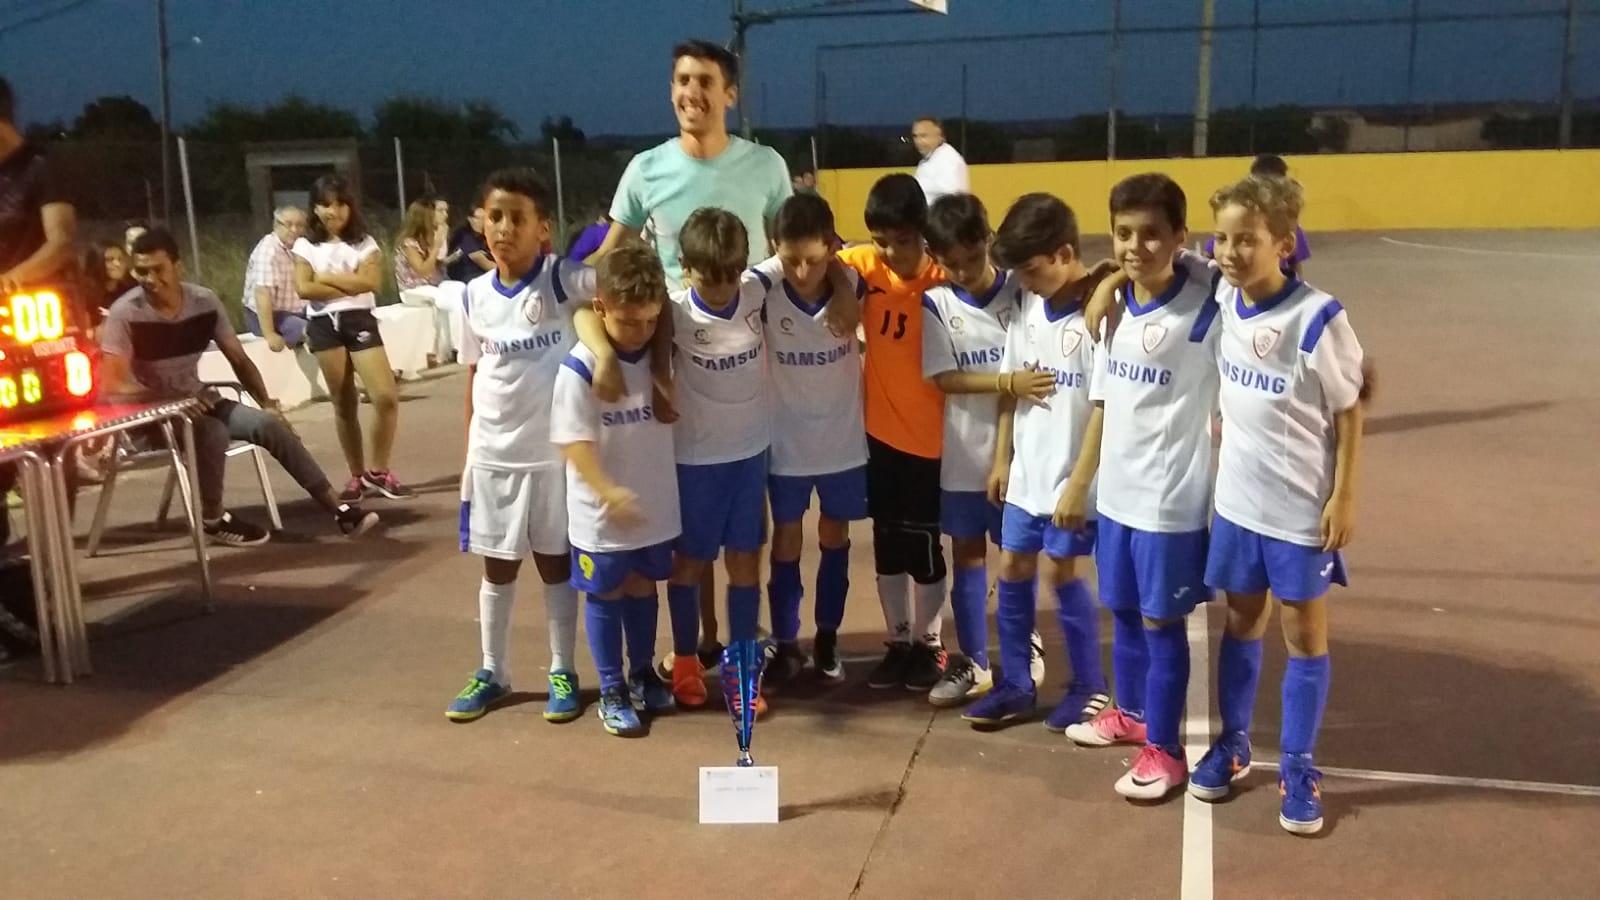 El Sporting C.F. Jaraíz logra un doblete quedando campeón de las 24 horas de Losar y Saucedilla (6)